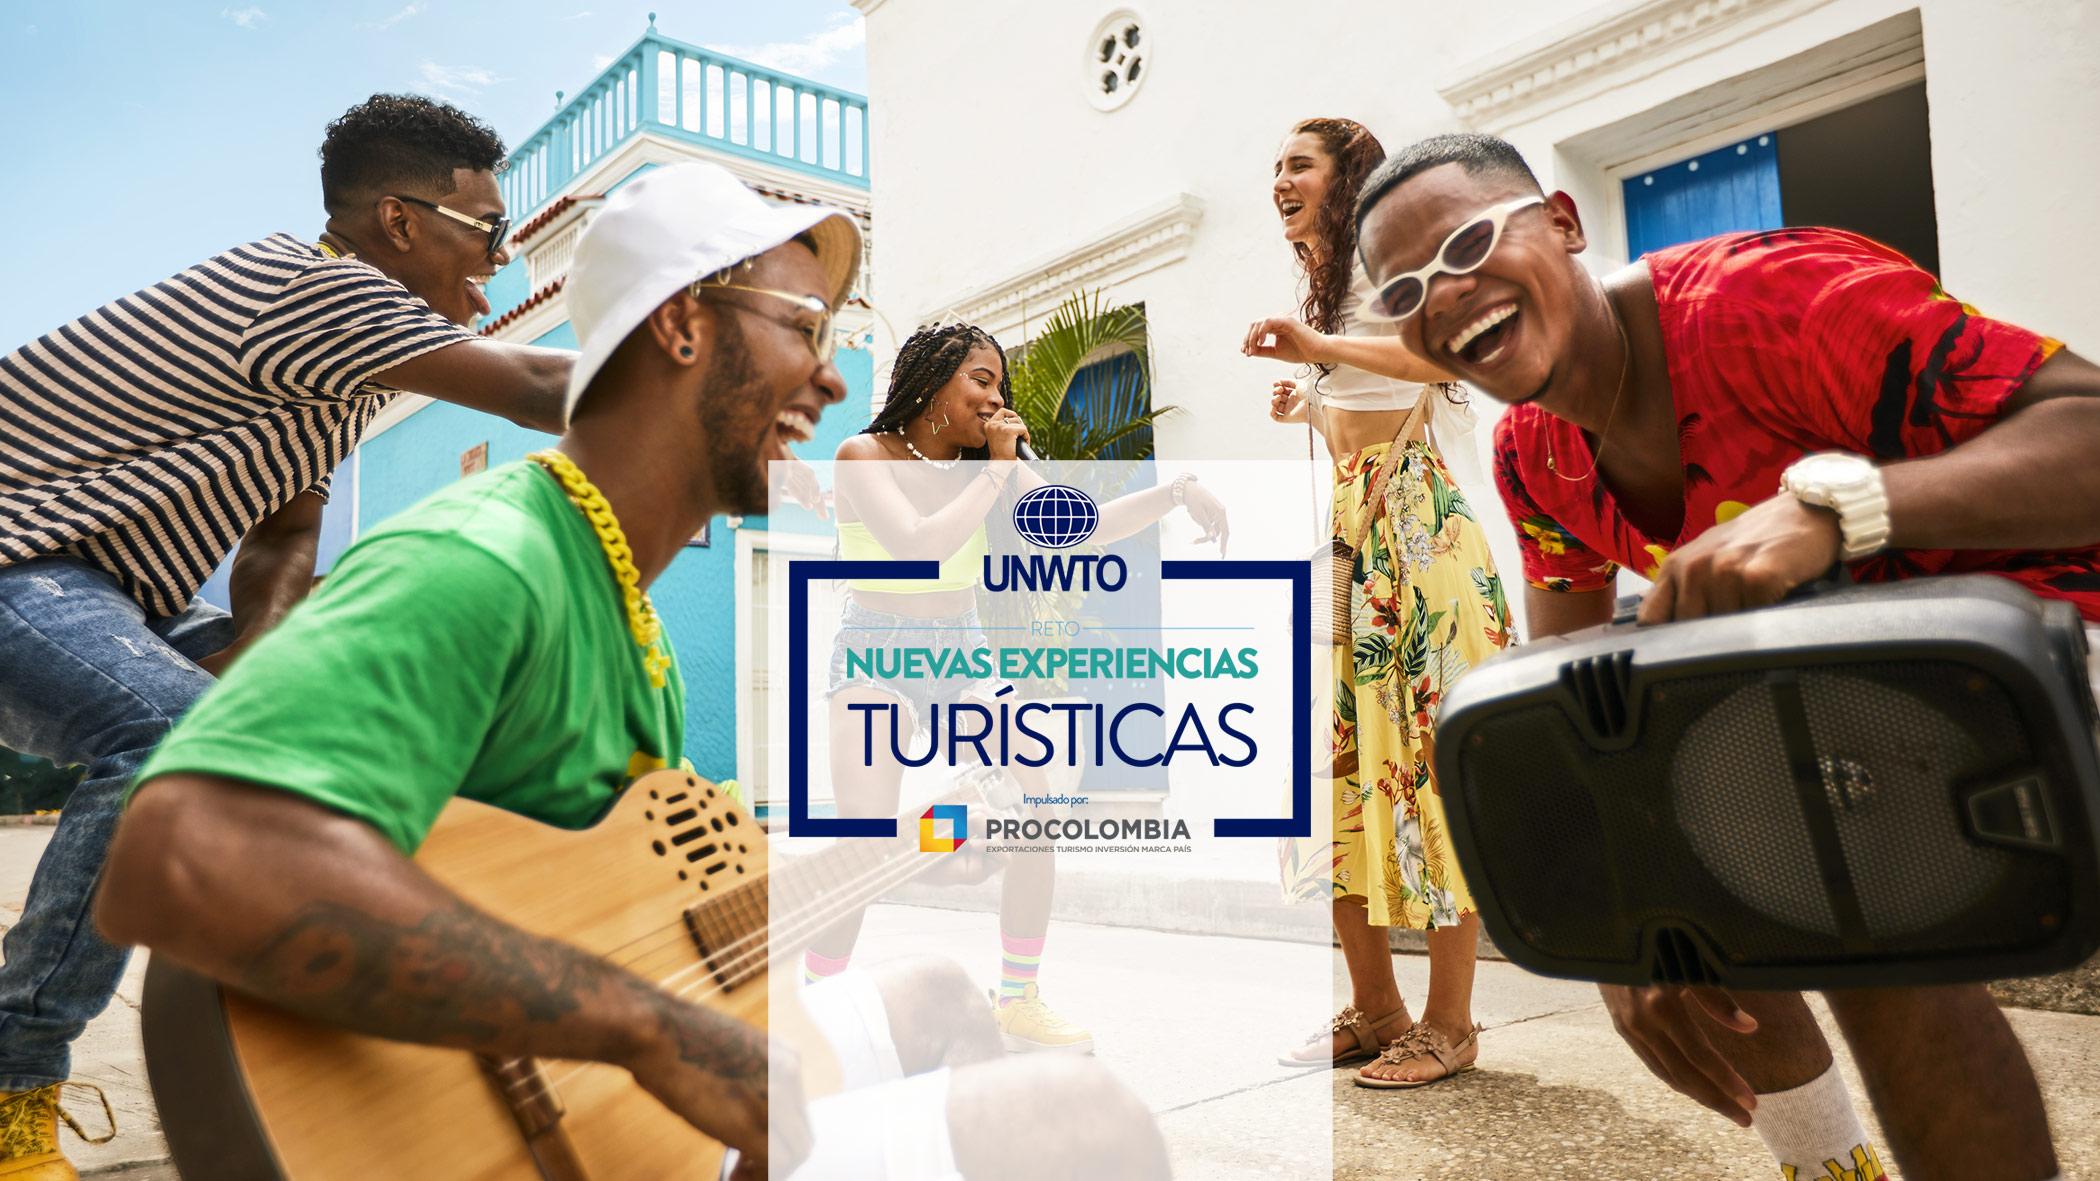 Reto OMT de Innovación: Nuevas experiencias turísticas impulsado por Procolombia